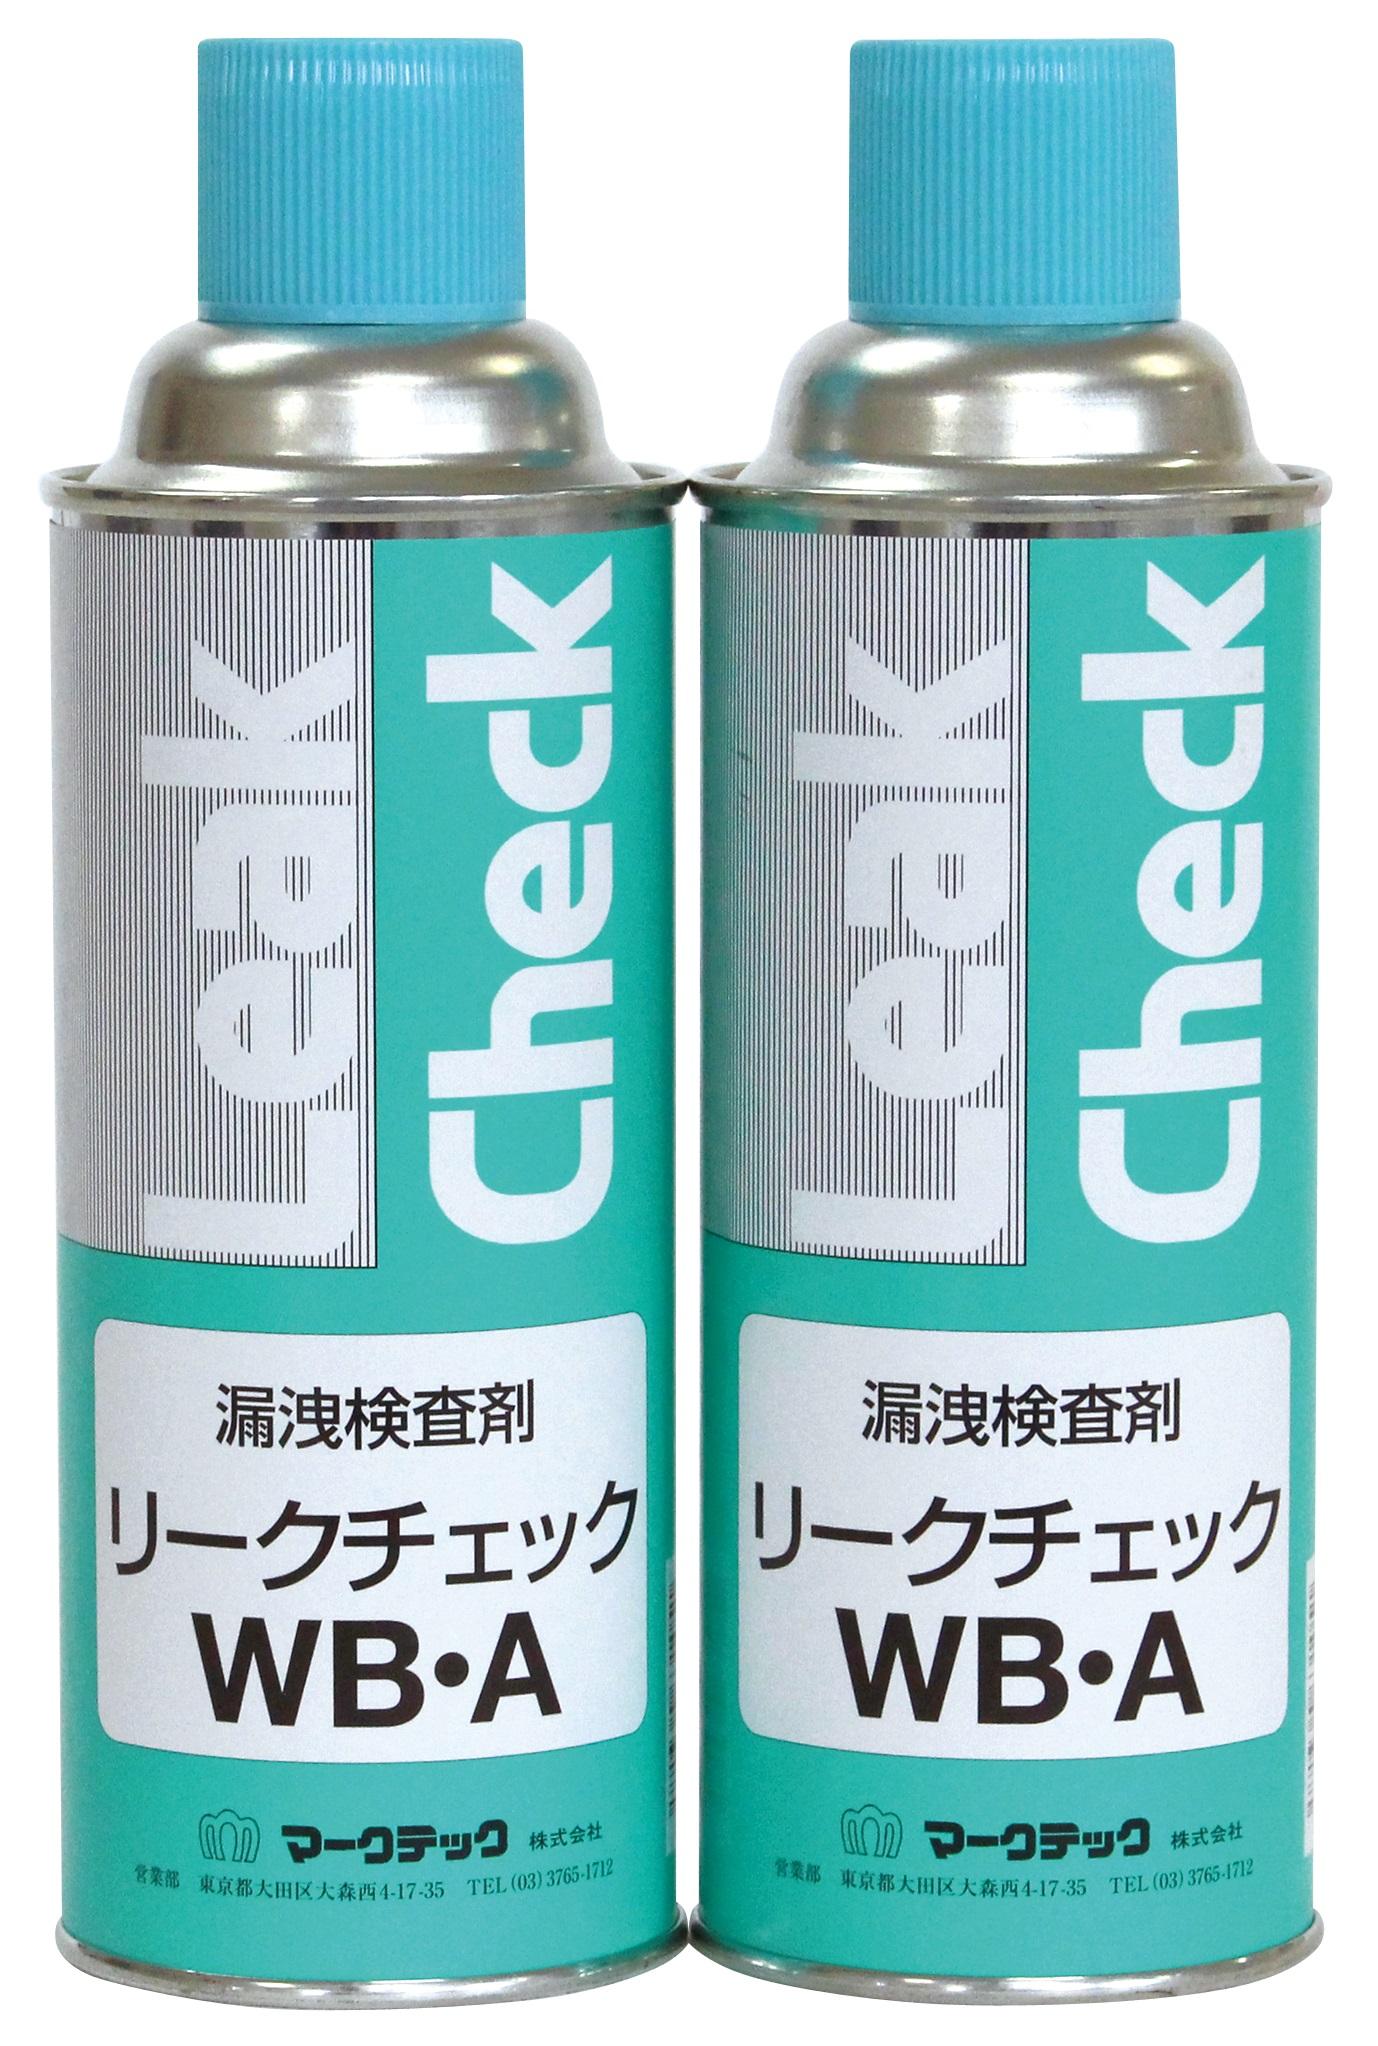 泄漏检测剂WB·A